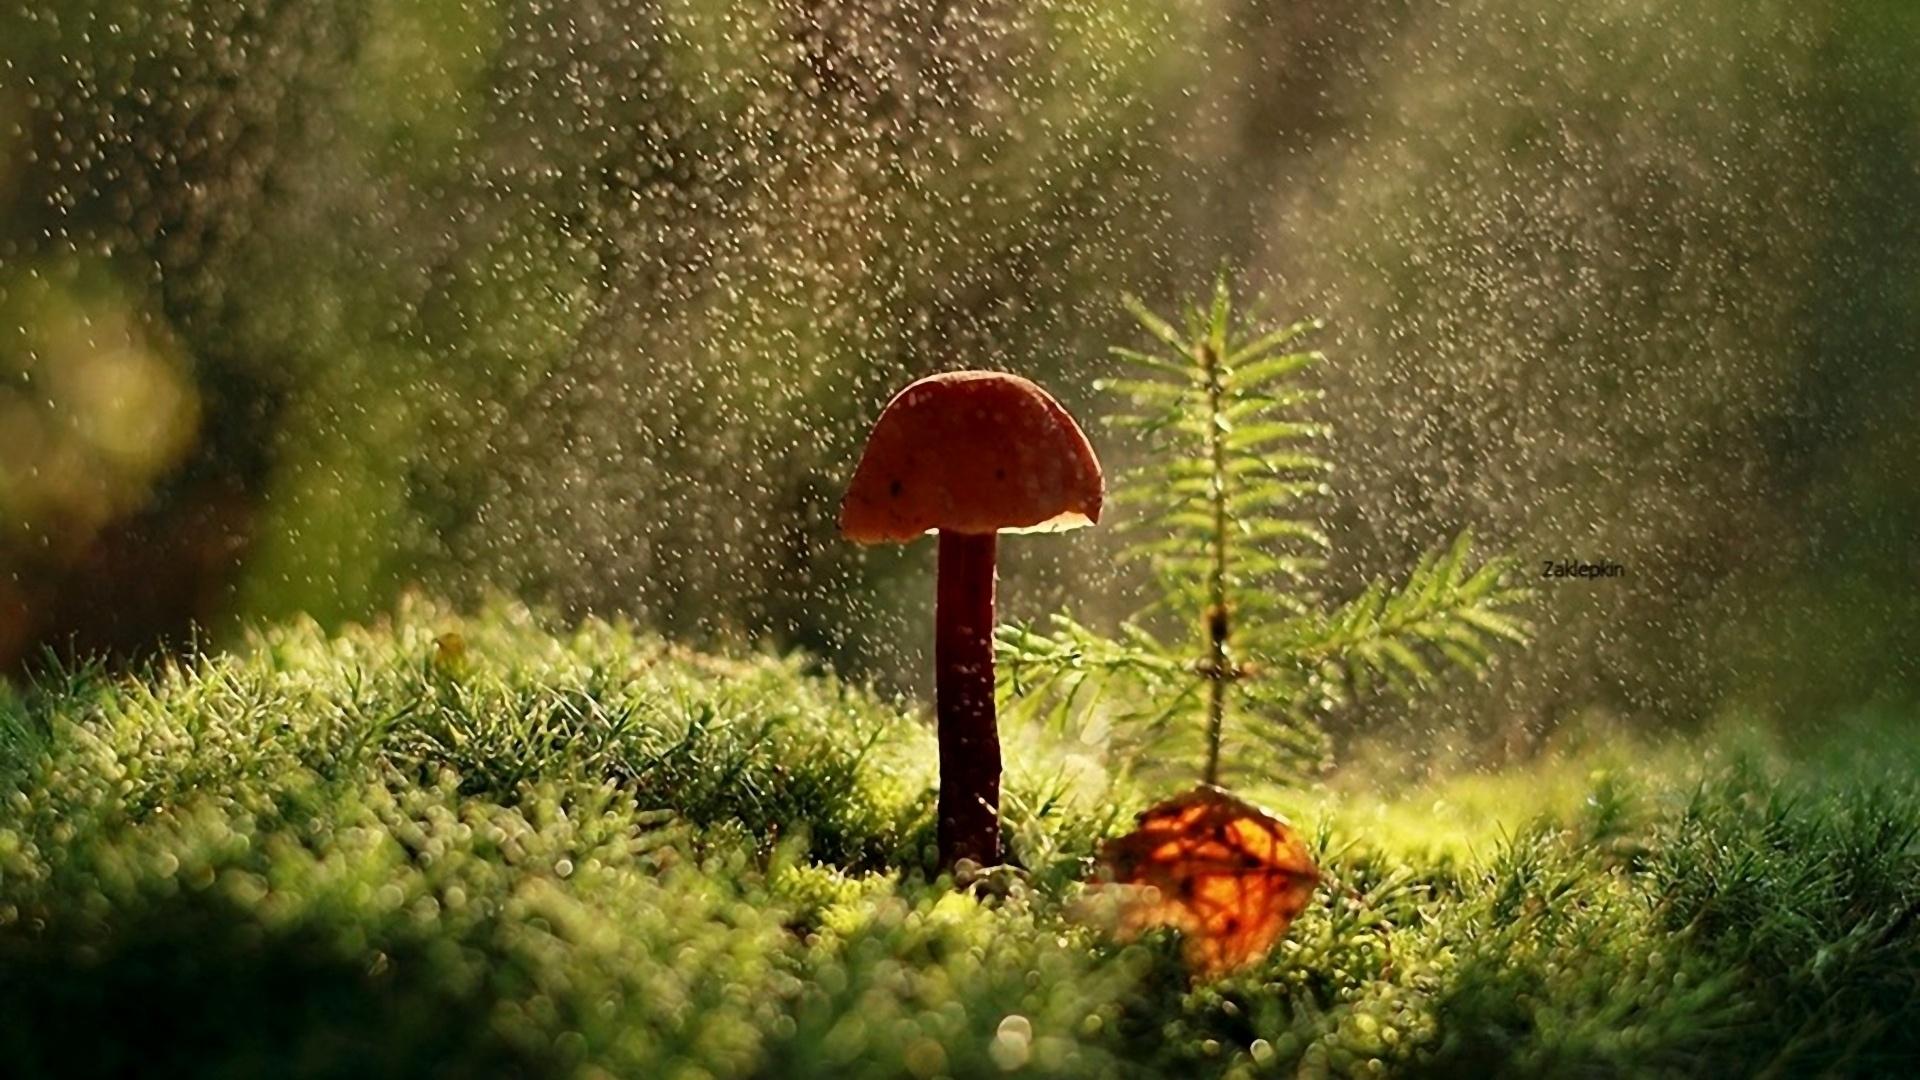 Macro Mushrooms best picture